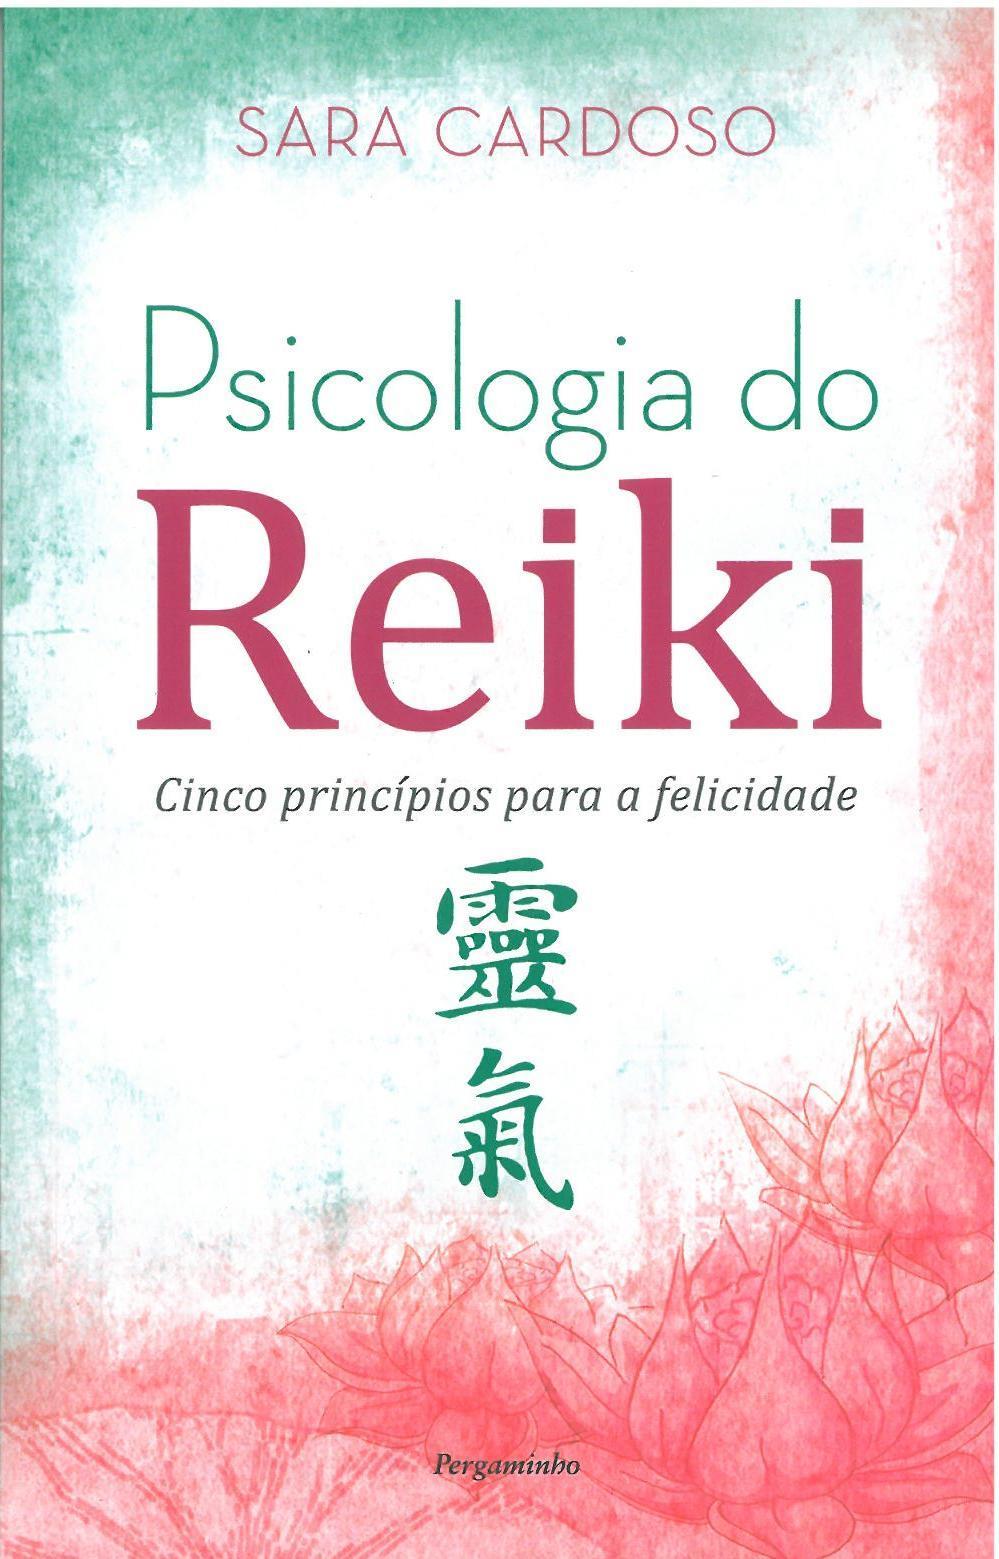 Psicologia do Reiki_.jpg